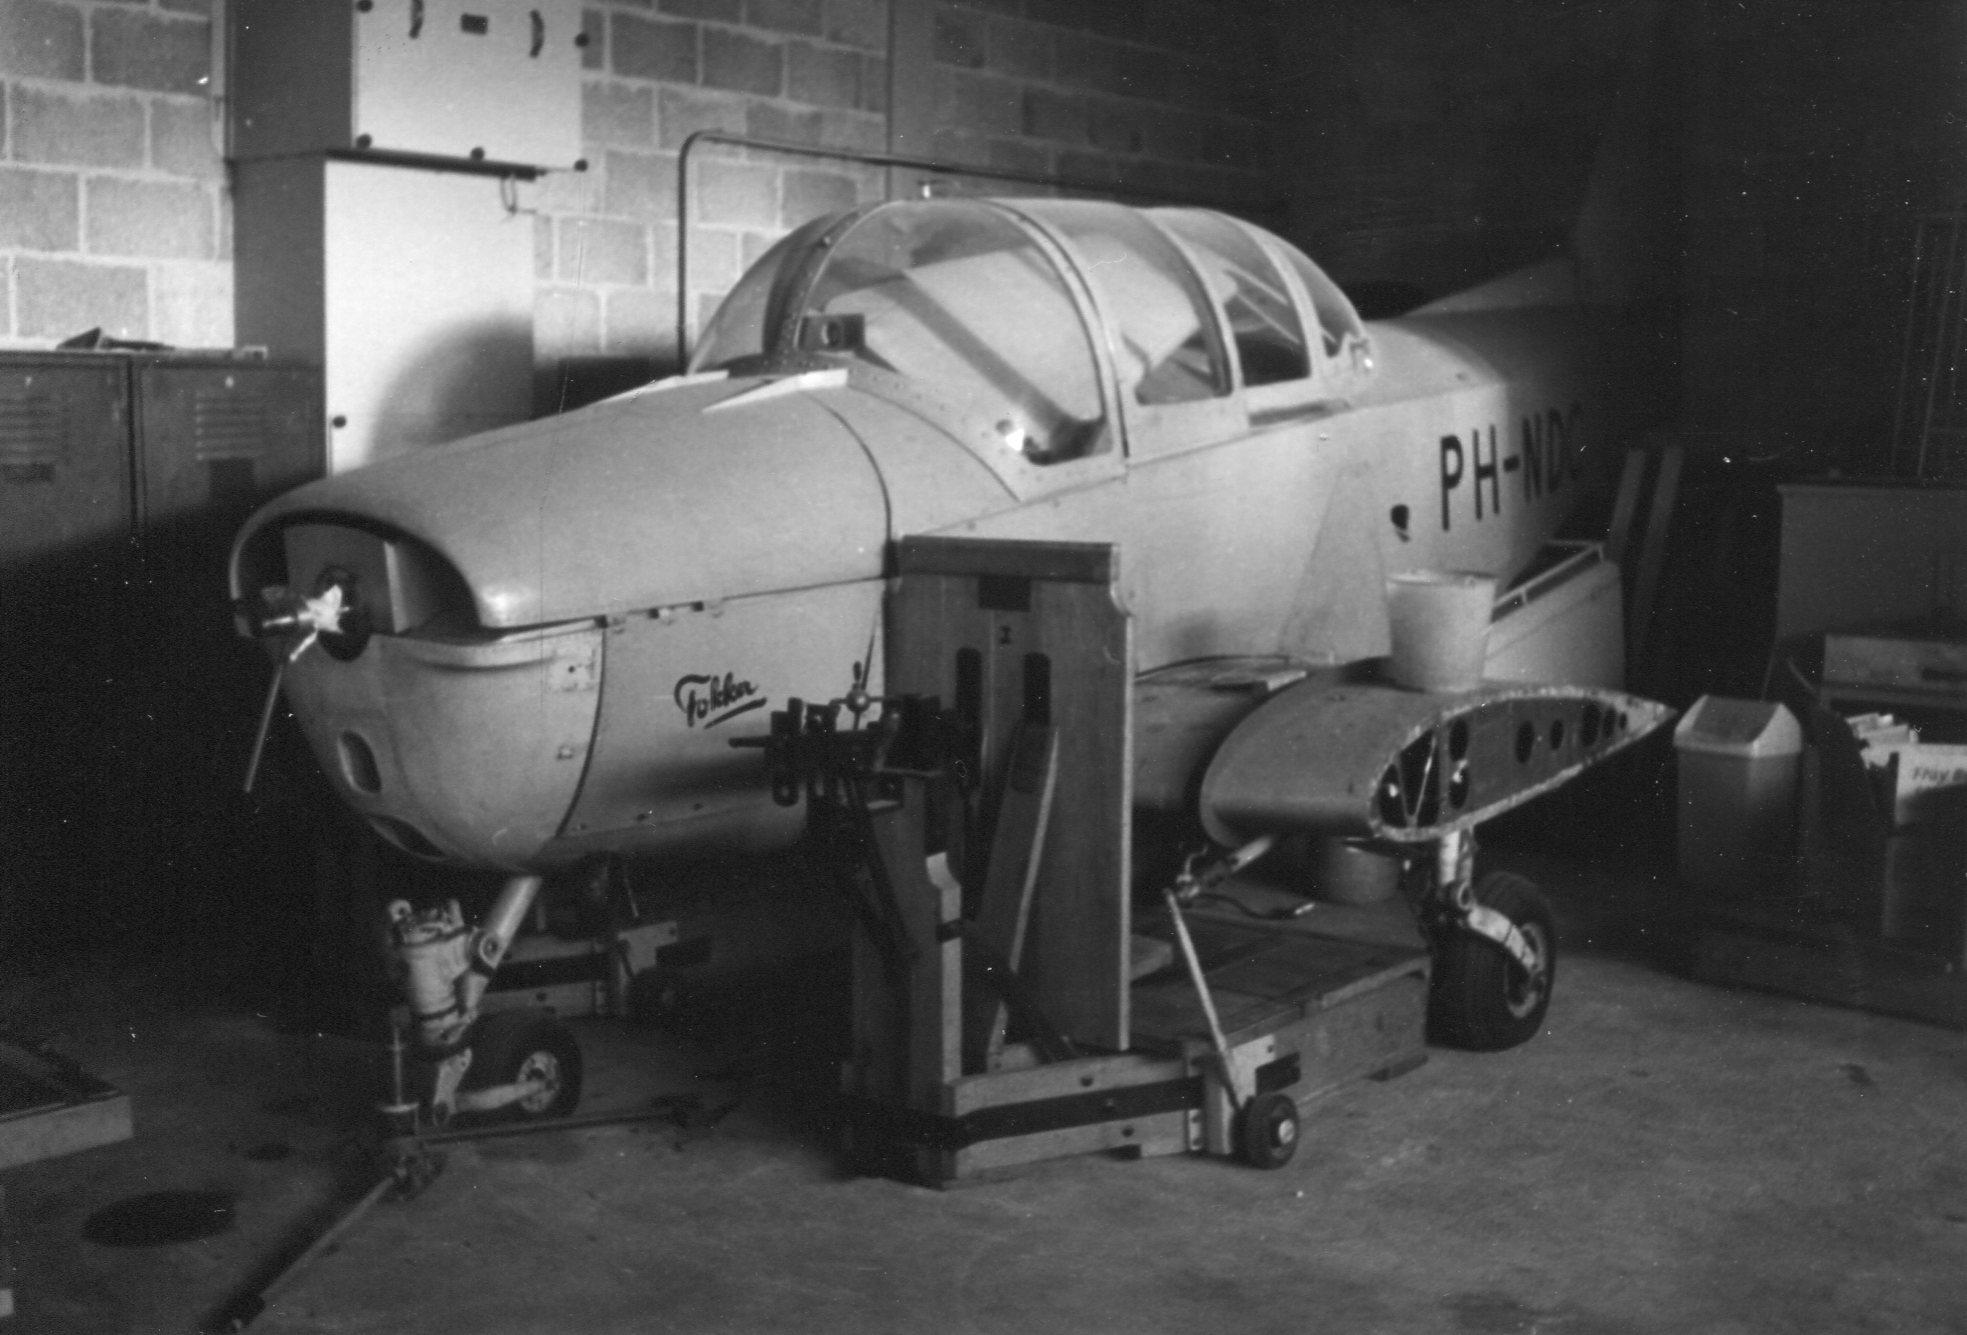 Naam: S 12 prototype , Zestienhoven.jpg Bekeken: 85 Grootte: 275,8 KB